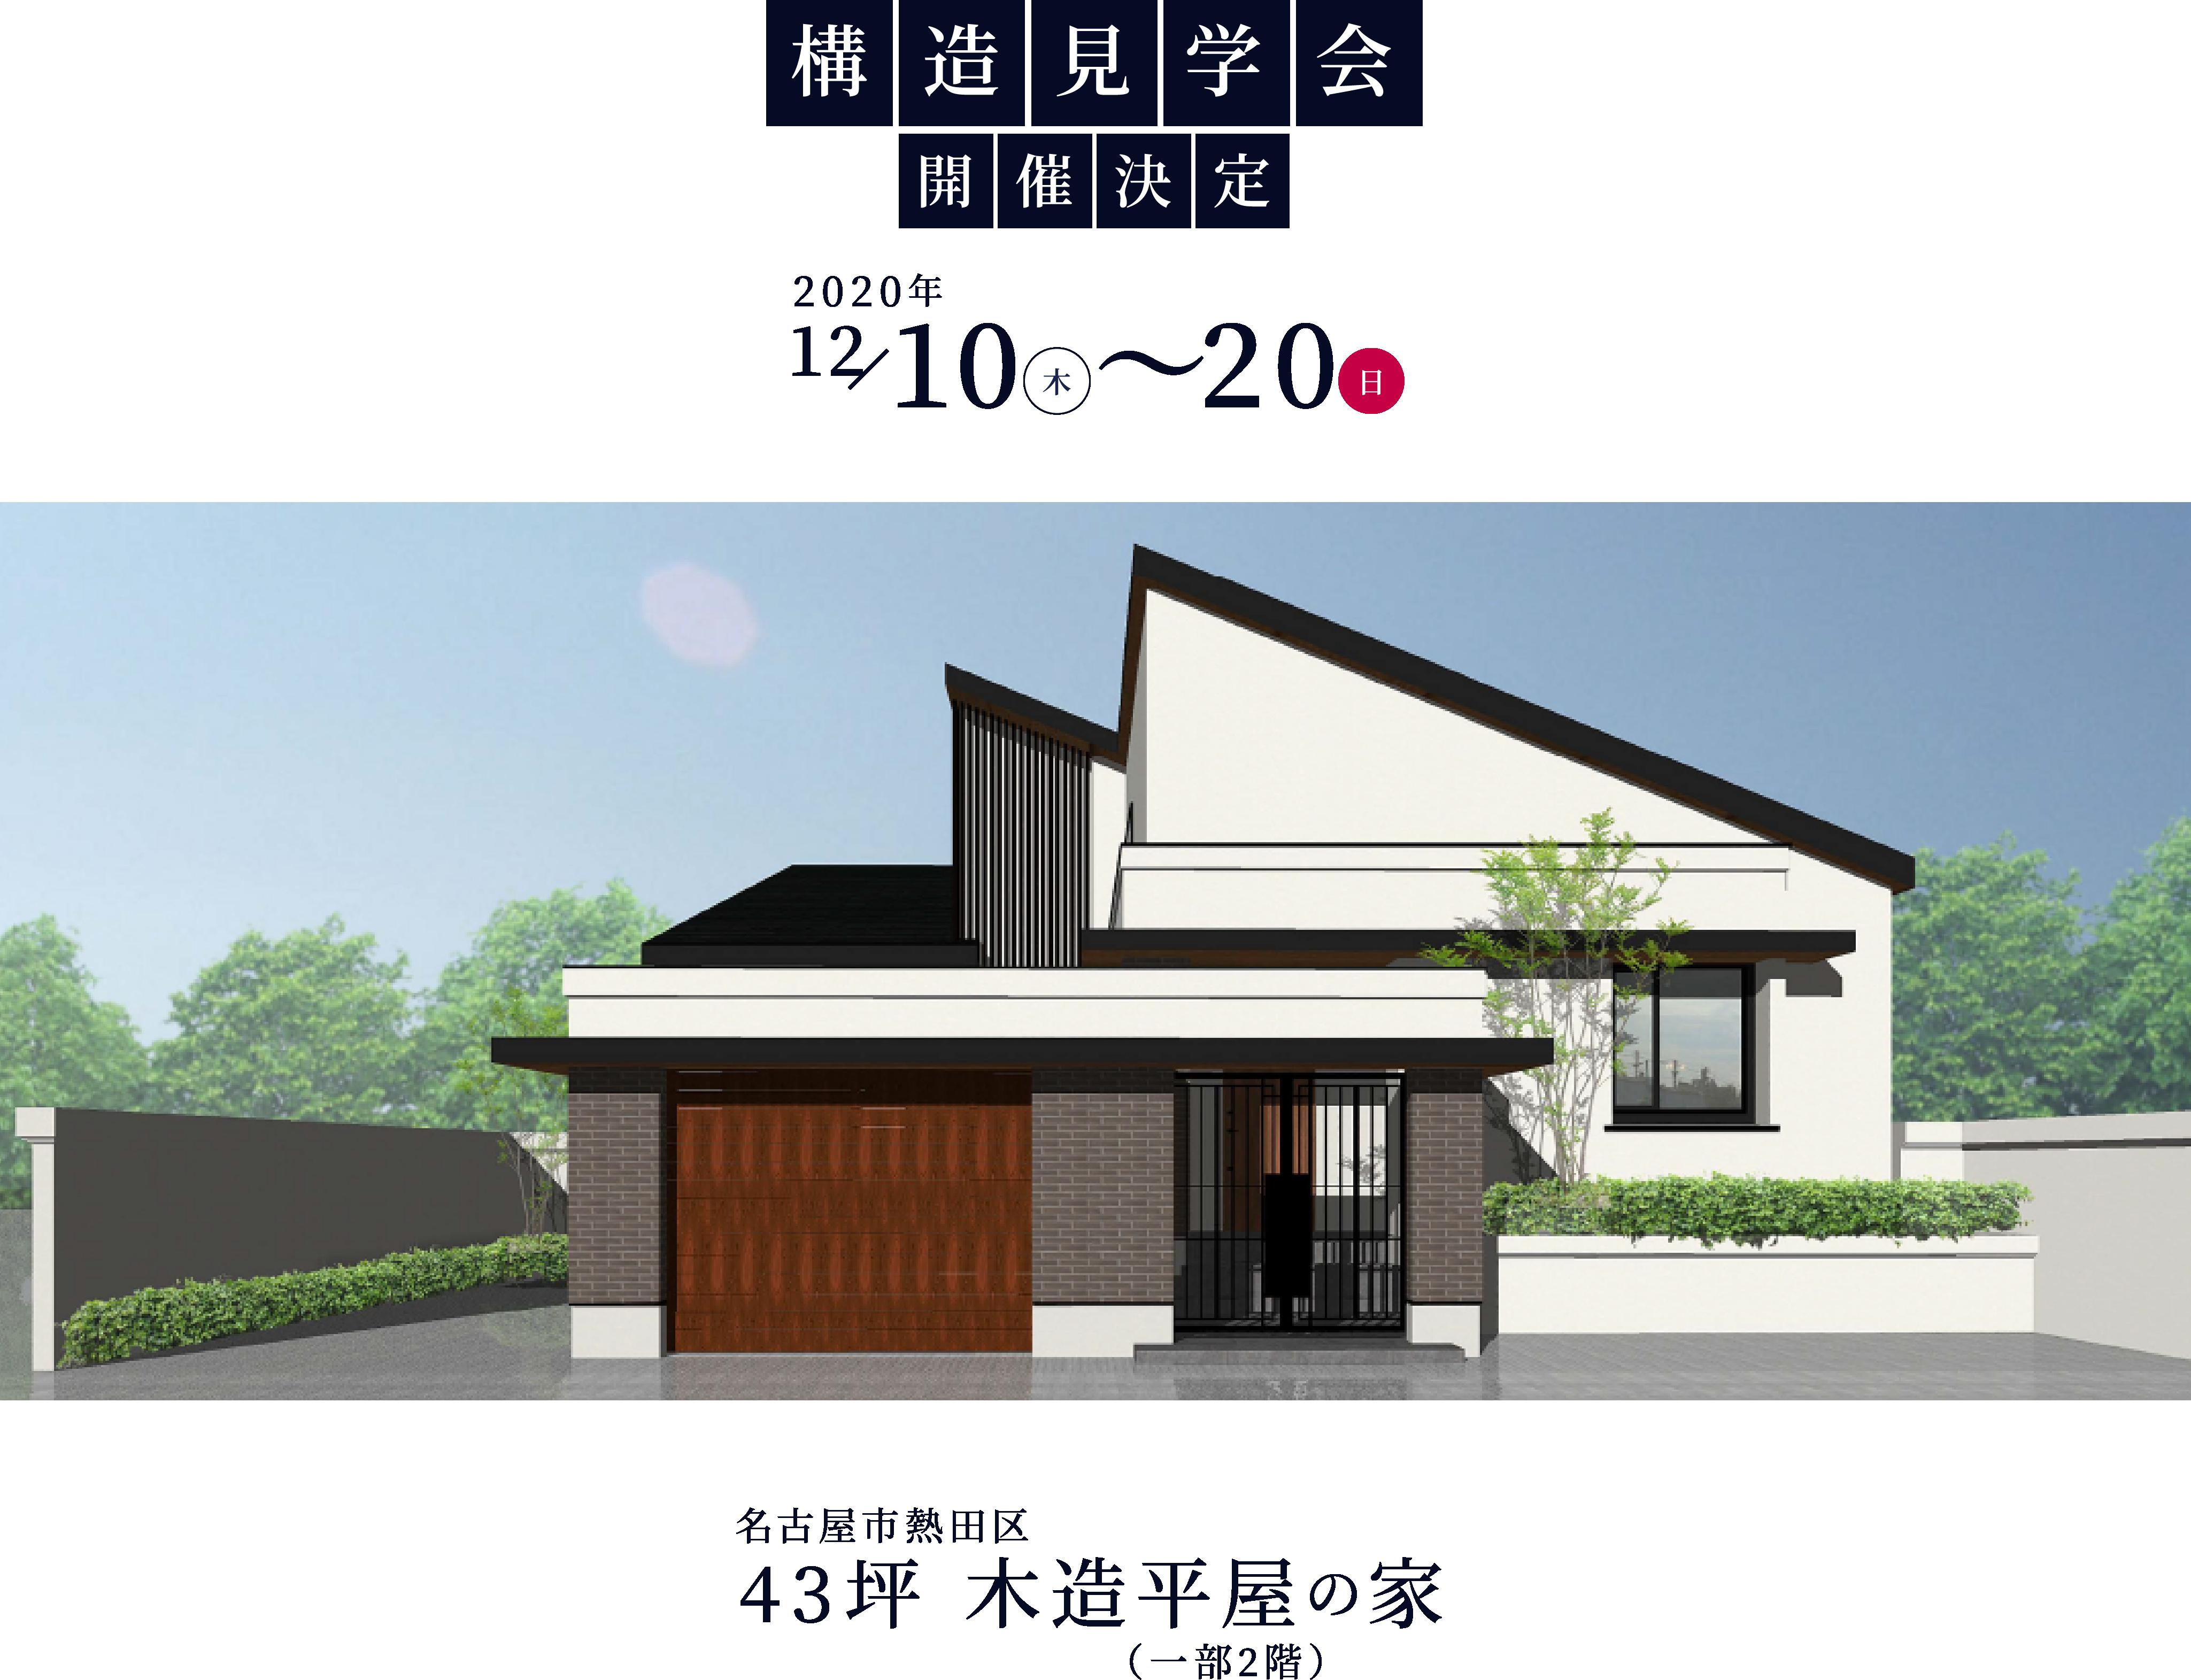 完成見学会開催決定 2021年2/8(月)〜20(土) 名古屋市熱田区 43坪 木造平屋の家 (一部2階)